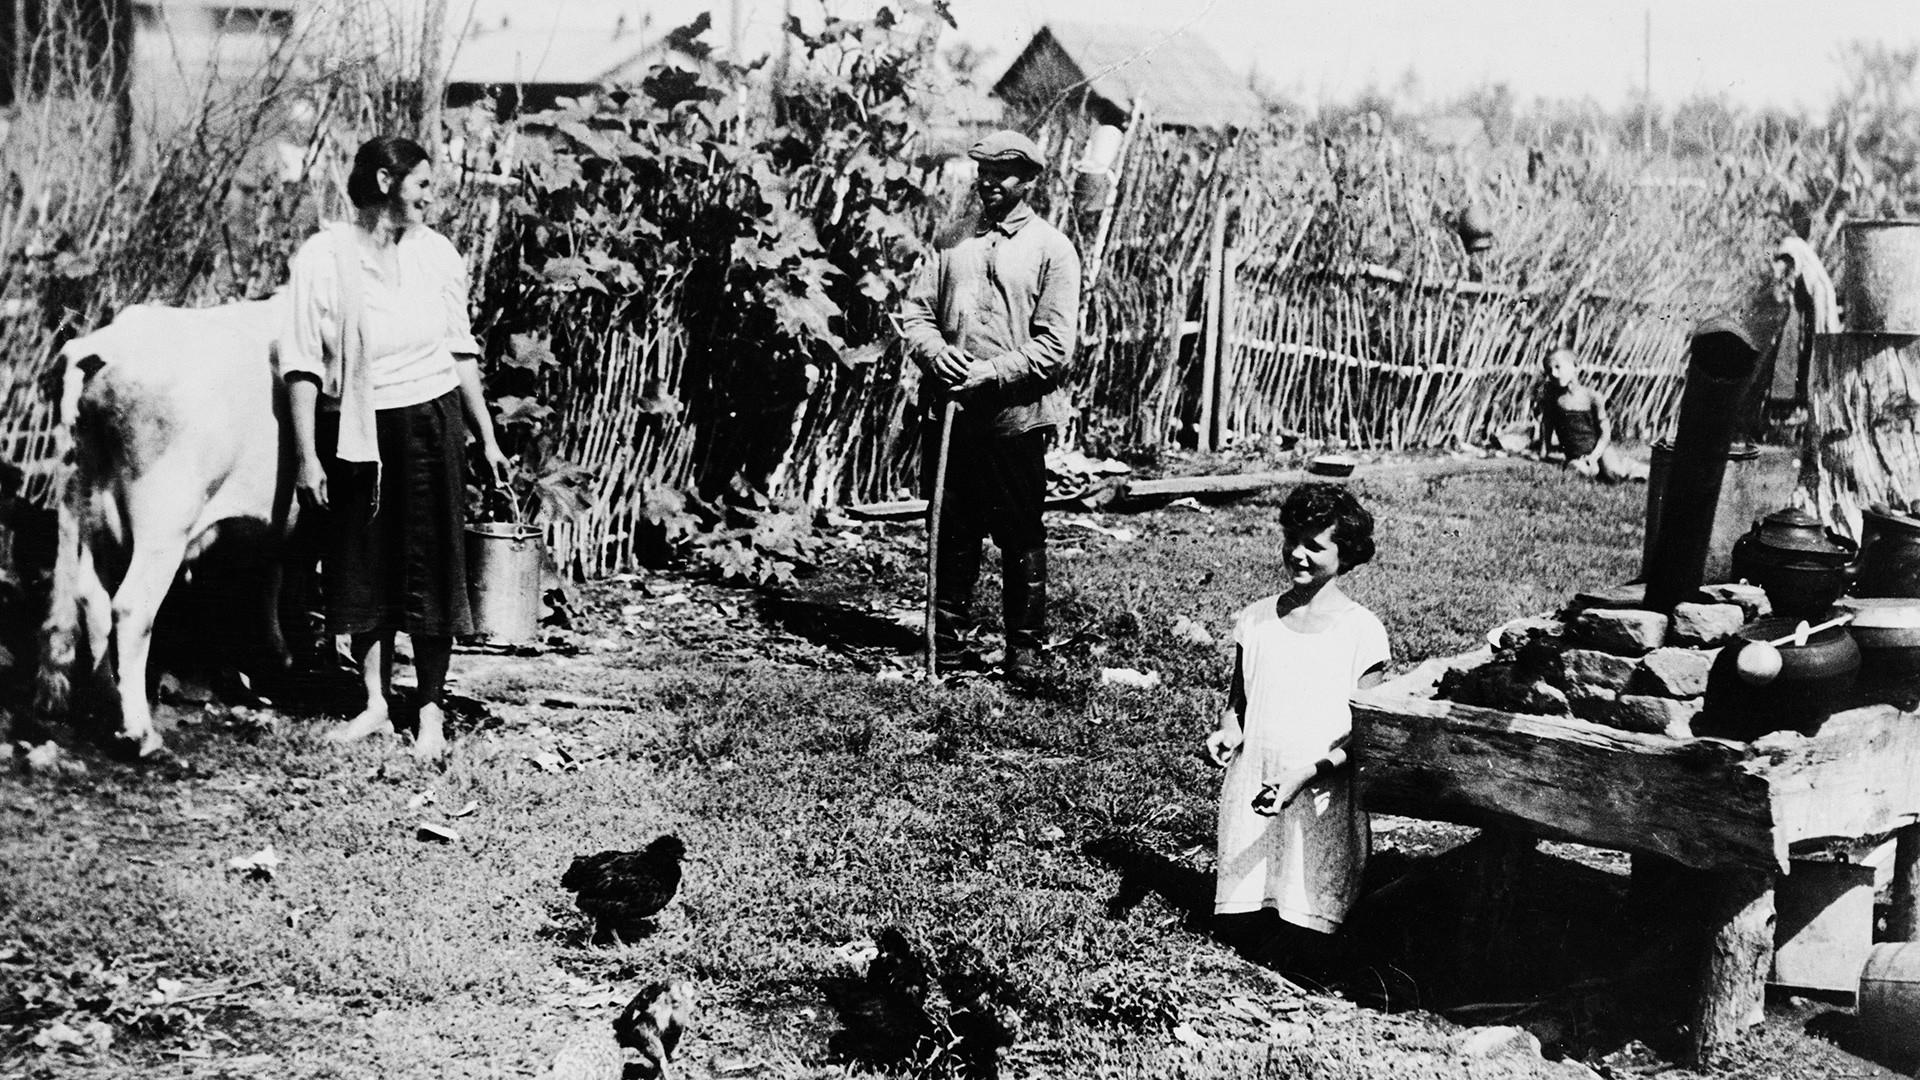 La famiglia ebrea Gefens nella loro proprietà a Birobidzhan